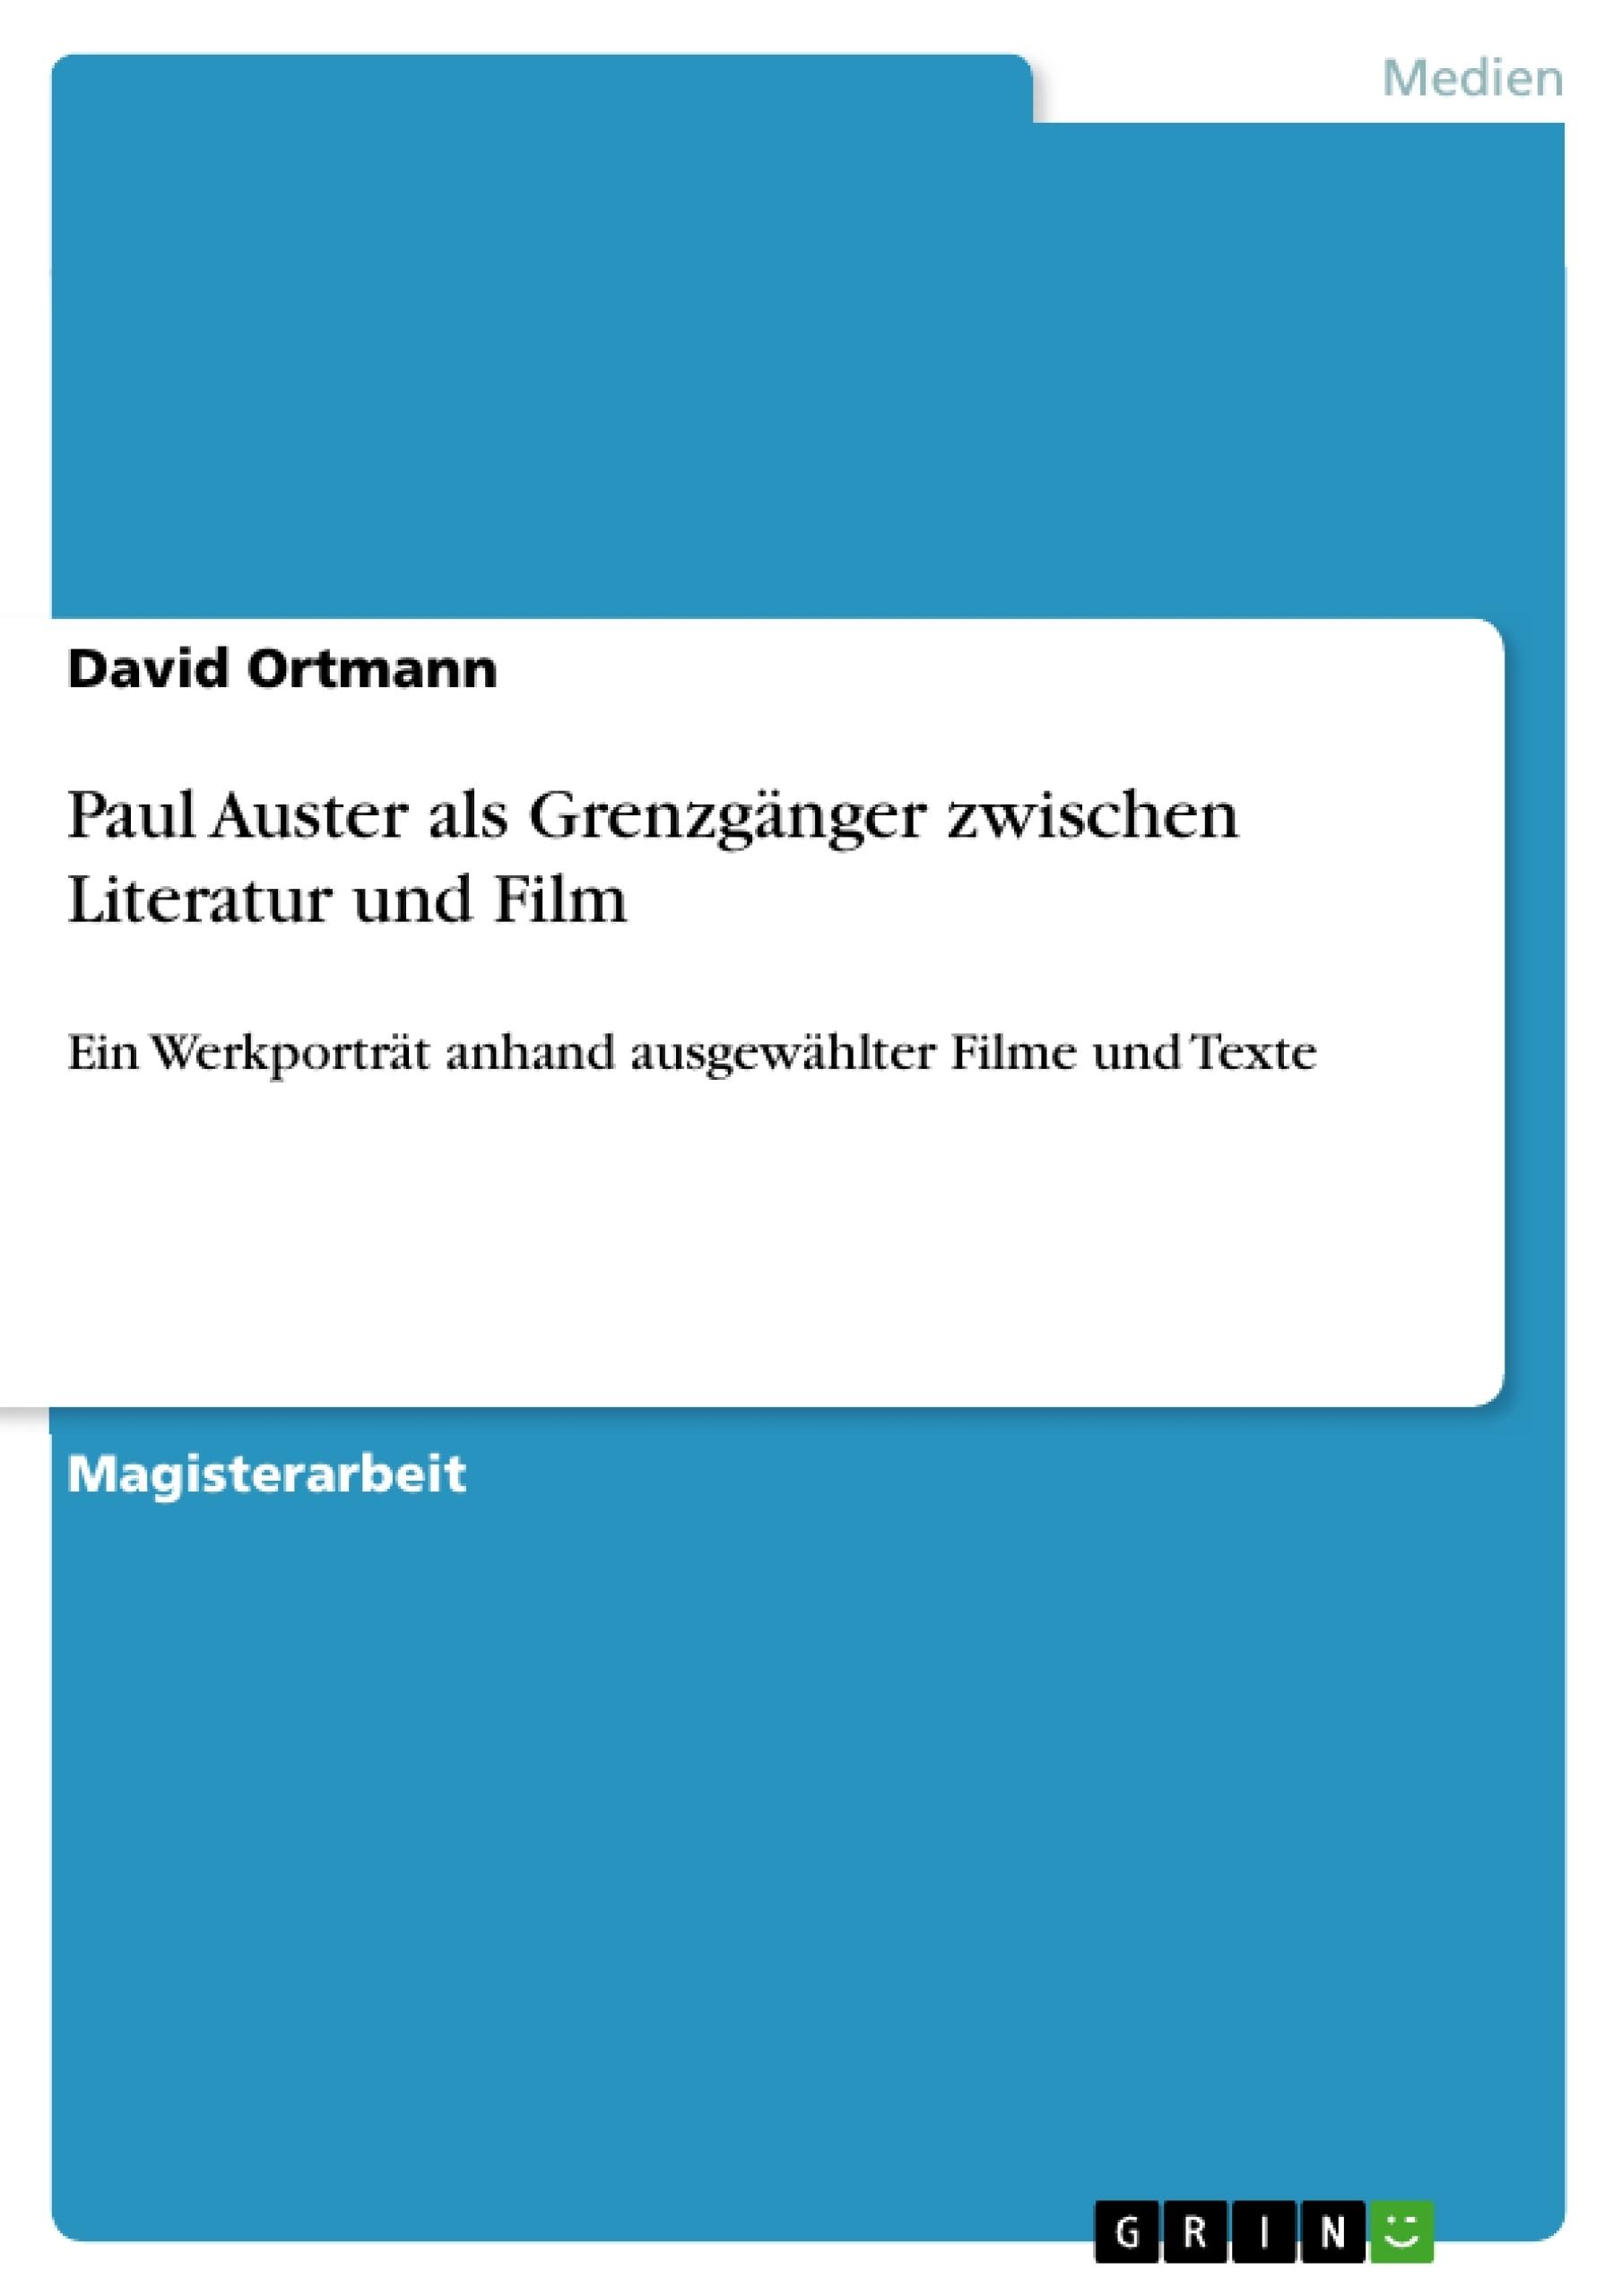 Titel: Paul Auster als Grenzgänger zwischen Literatur und Film